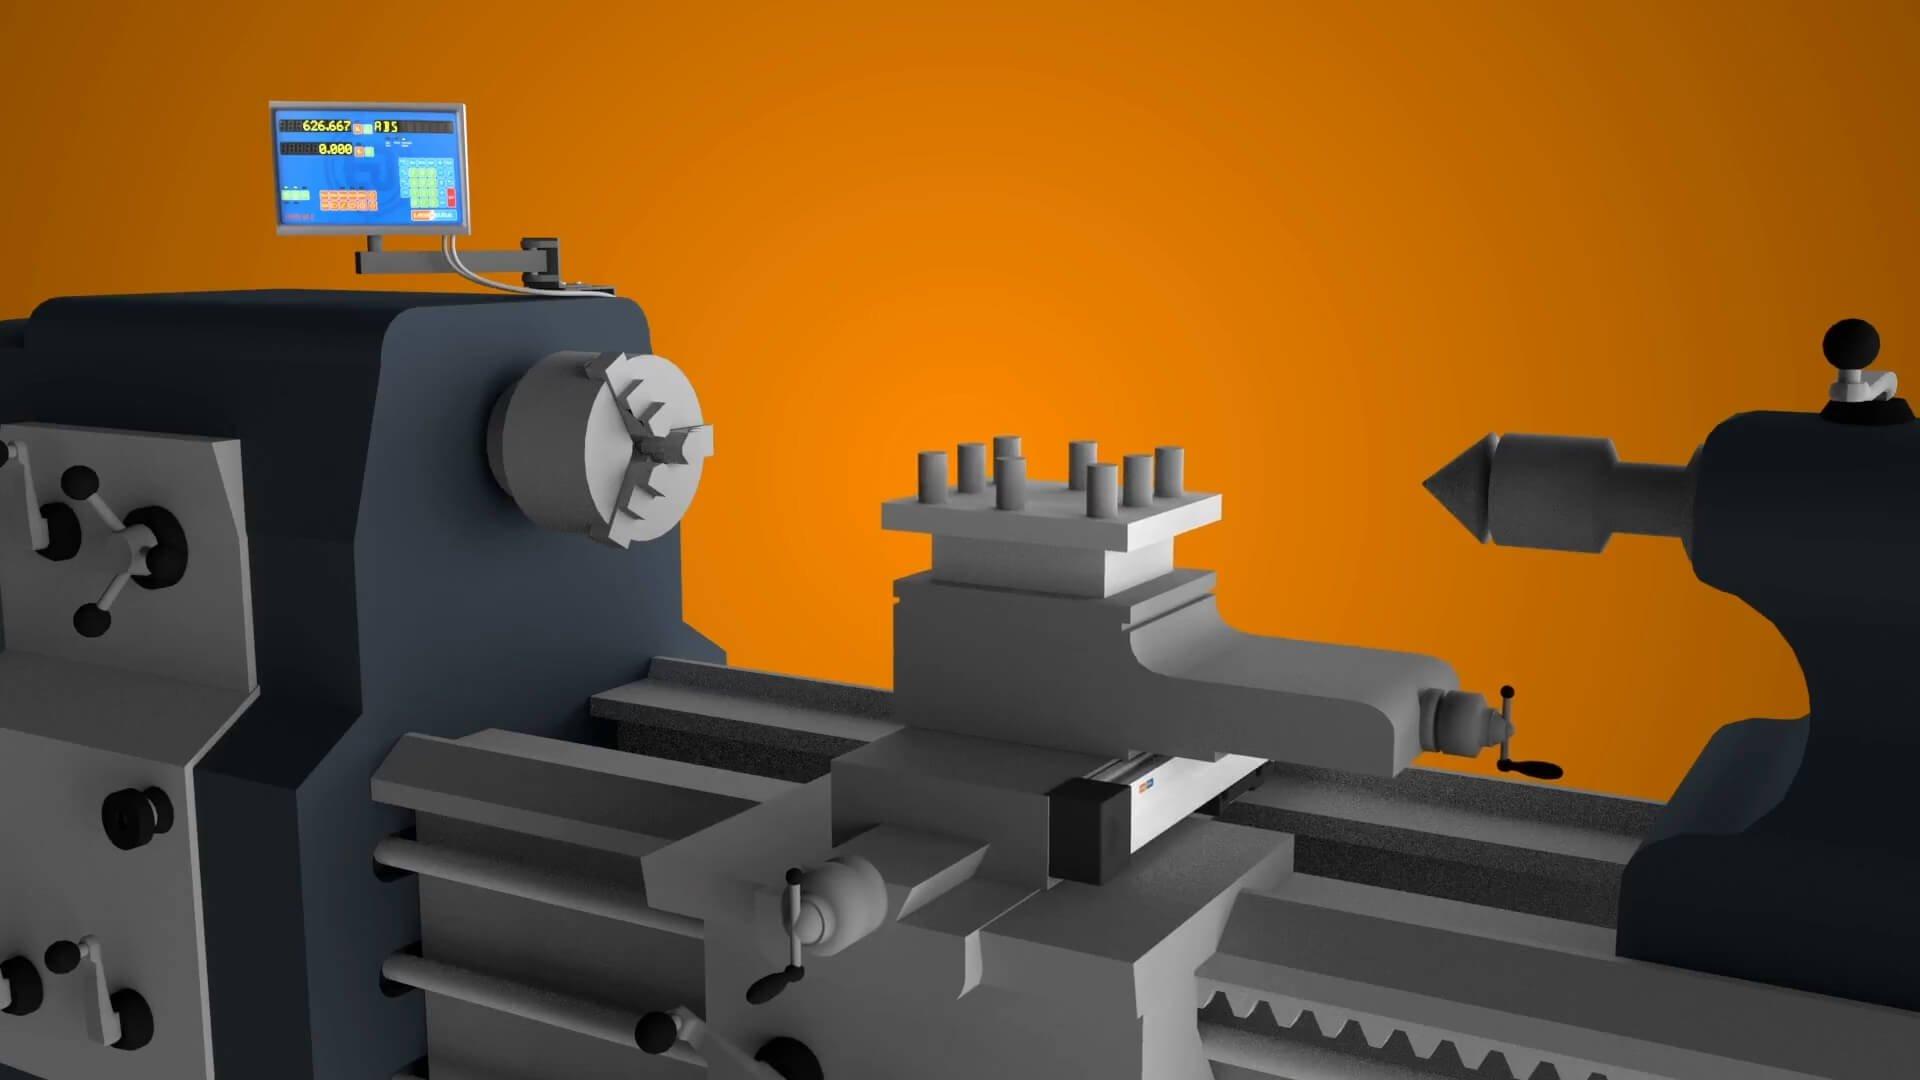 Emos Marketing 2D3D Hibrit Torna Tezgahı Filmi 10 1920x1080 - Emos Marketing 2D+3D Hibrit Torna Tezgahı Tanıtım Filmi